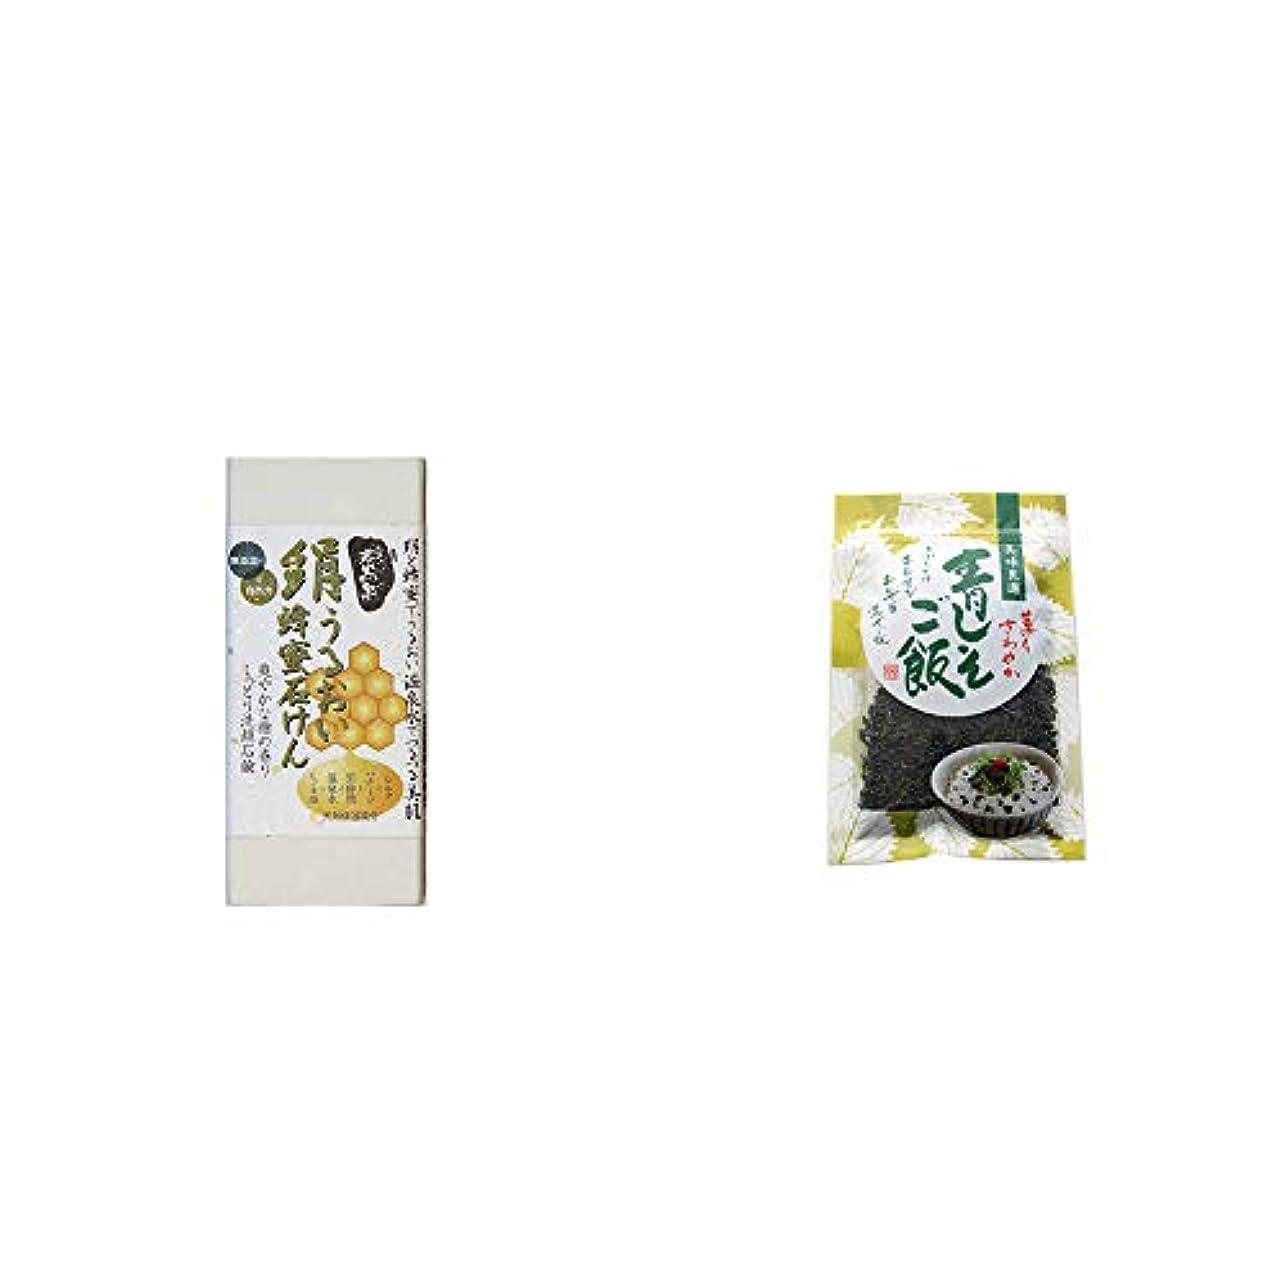 ベーシック幻滅するくるくる[2点セット] ひのき炭黒泉 絹うるおい蜂蜜石けん(75g×2)?薫りさわやか 青しそご飯(80g)